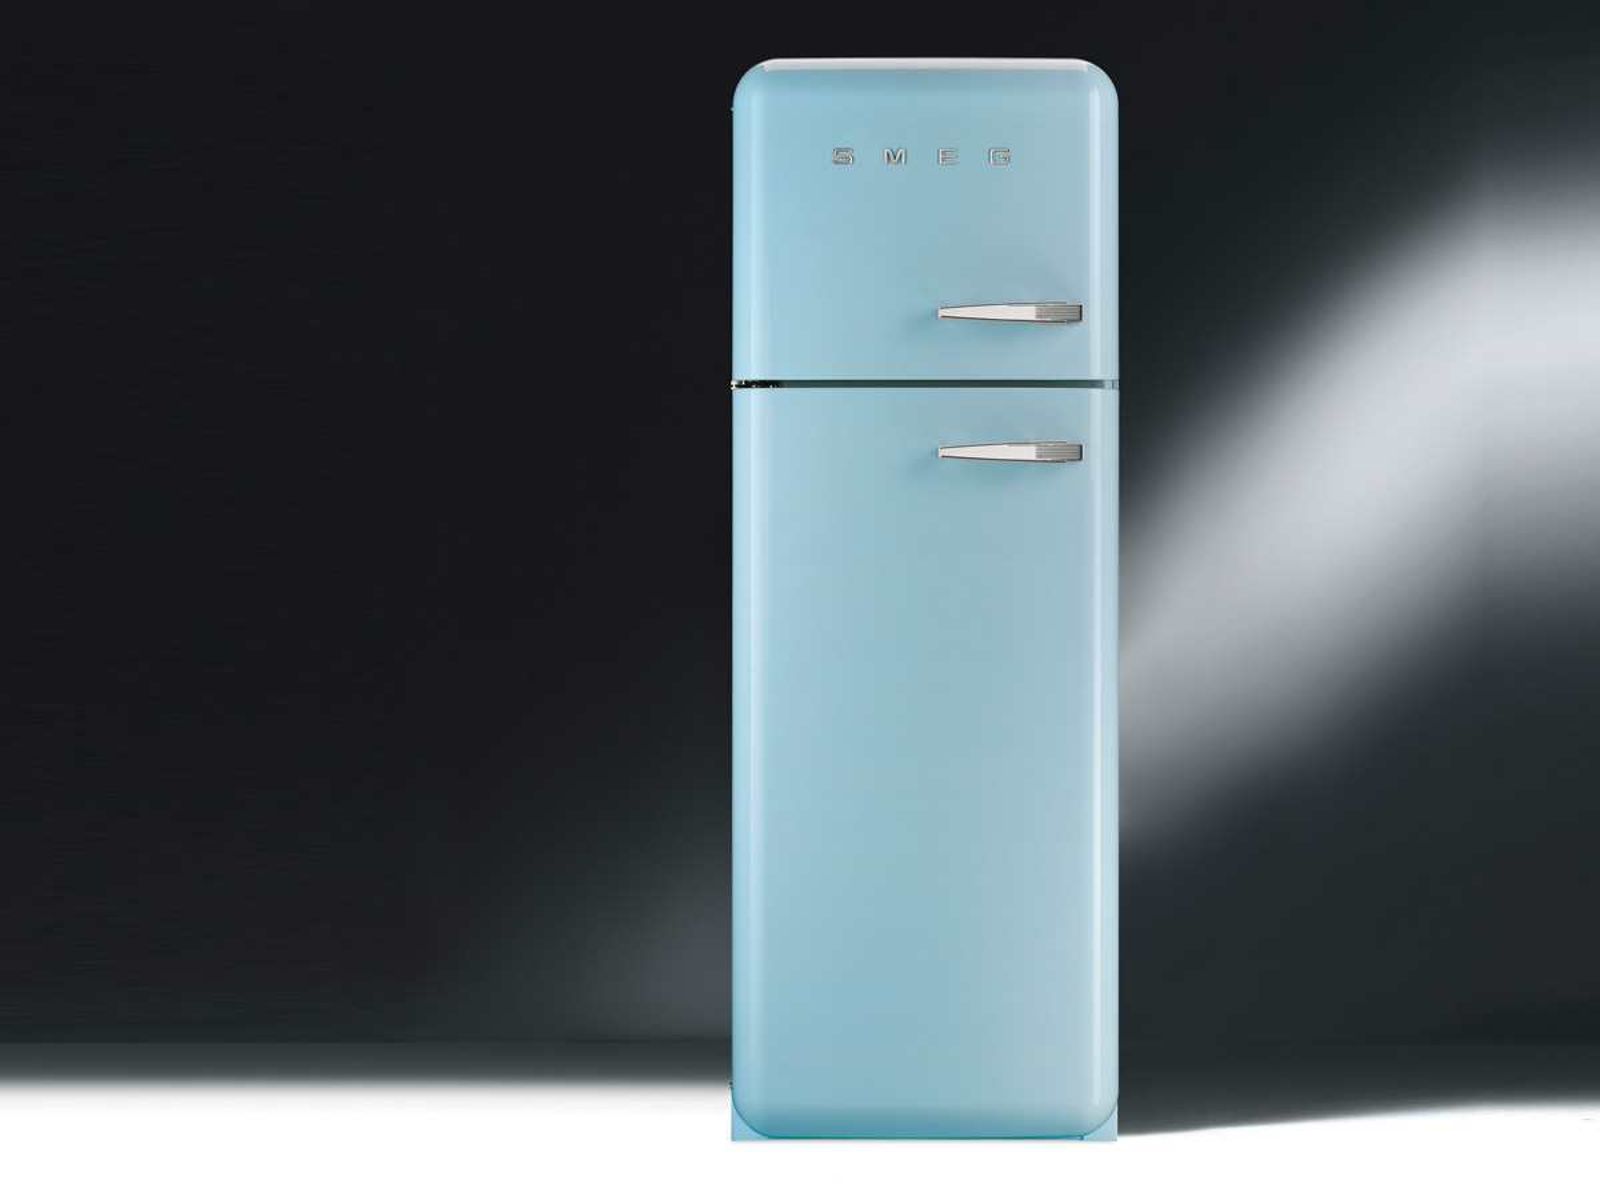 Siemens Kühlschrank Retro : Kühl gefrierkombi retro tolle kühl gefrierkombi siemens